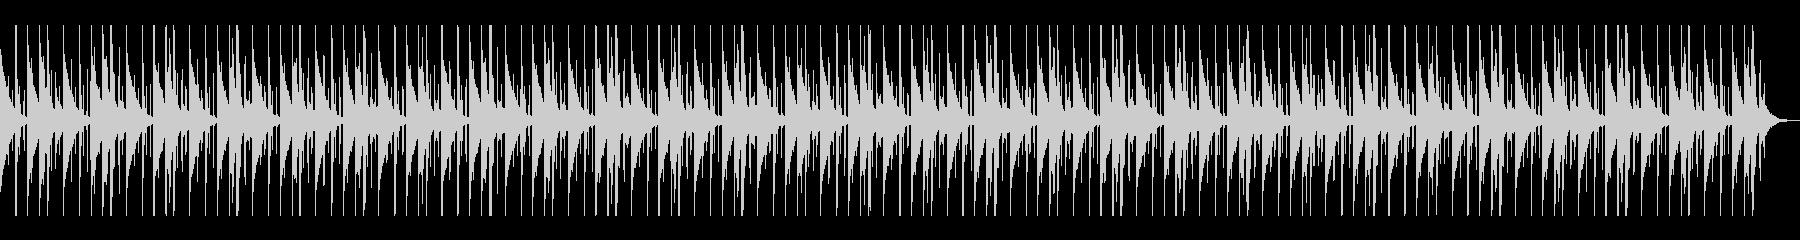 SFXなしのパーカッション5と同じの未再生の波形